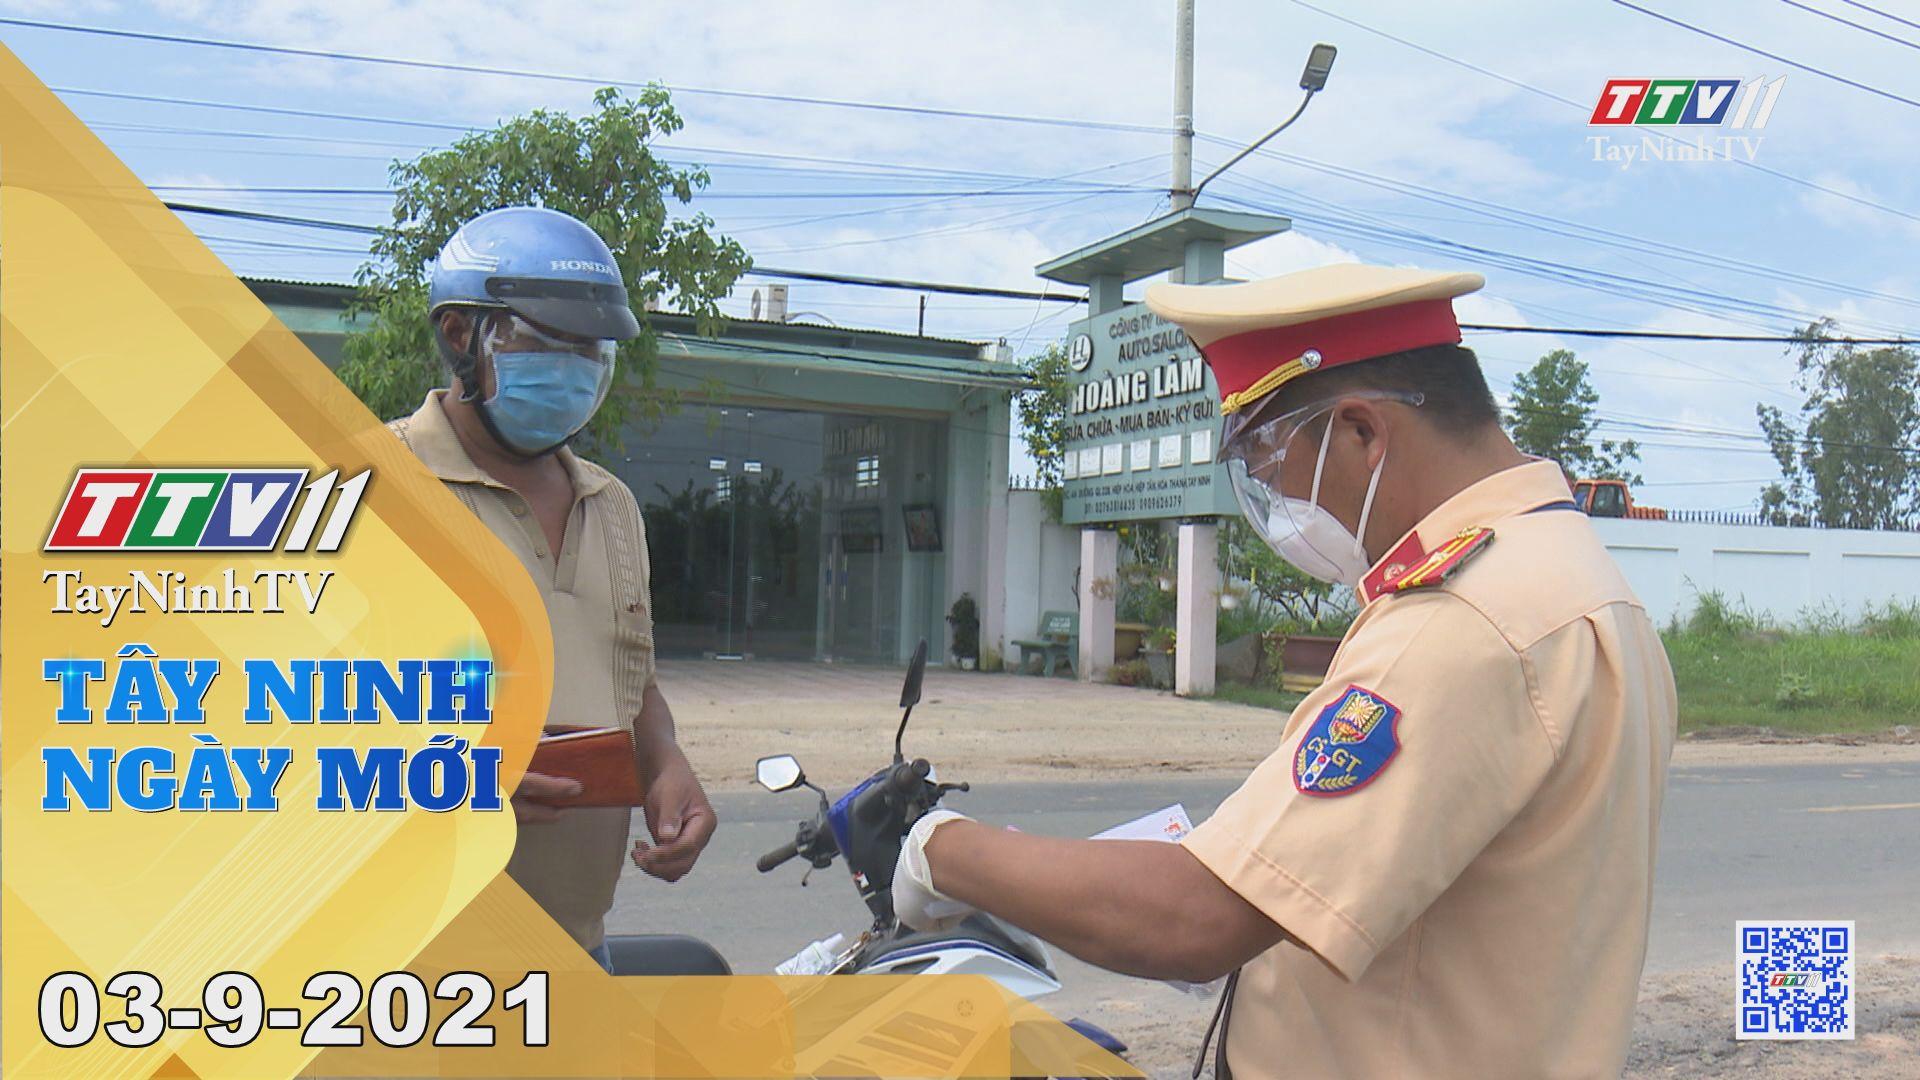 Tây Ninh Ngày Mới 03-9-2021 | Tin tức hôm nay | TayNinhTV